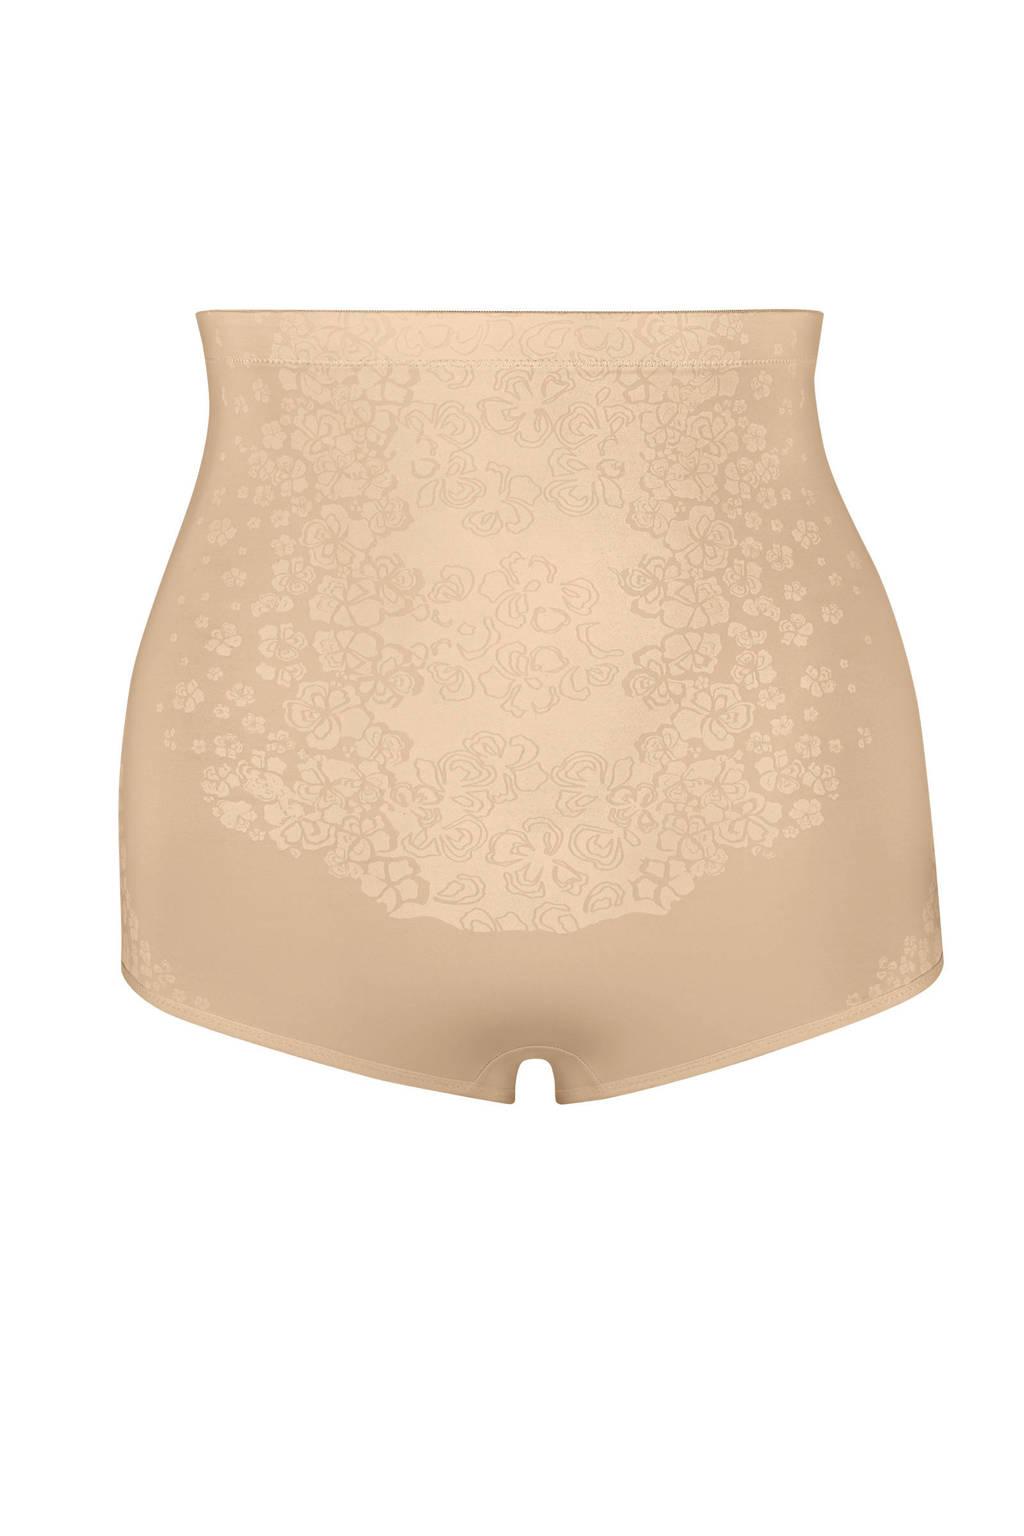 Maidenform high waist corrigerende slip FitSense beige, Beige